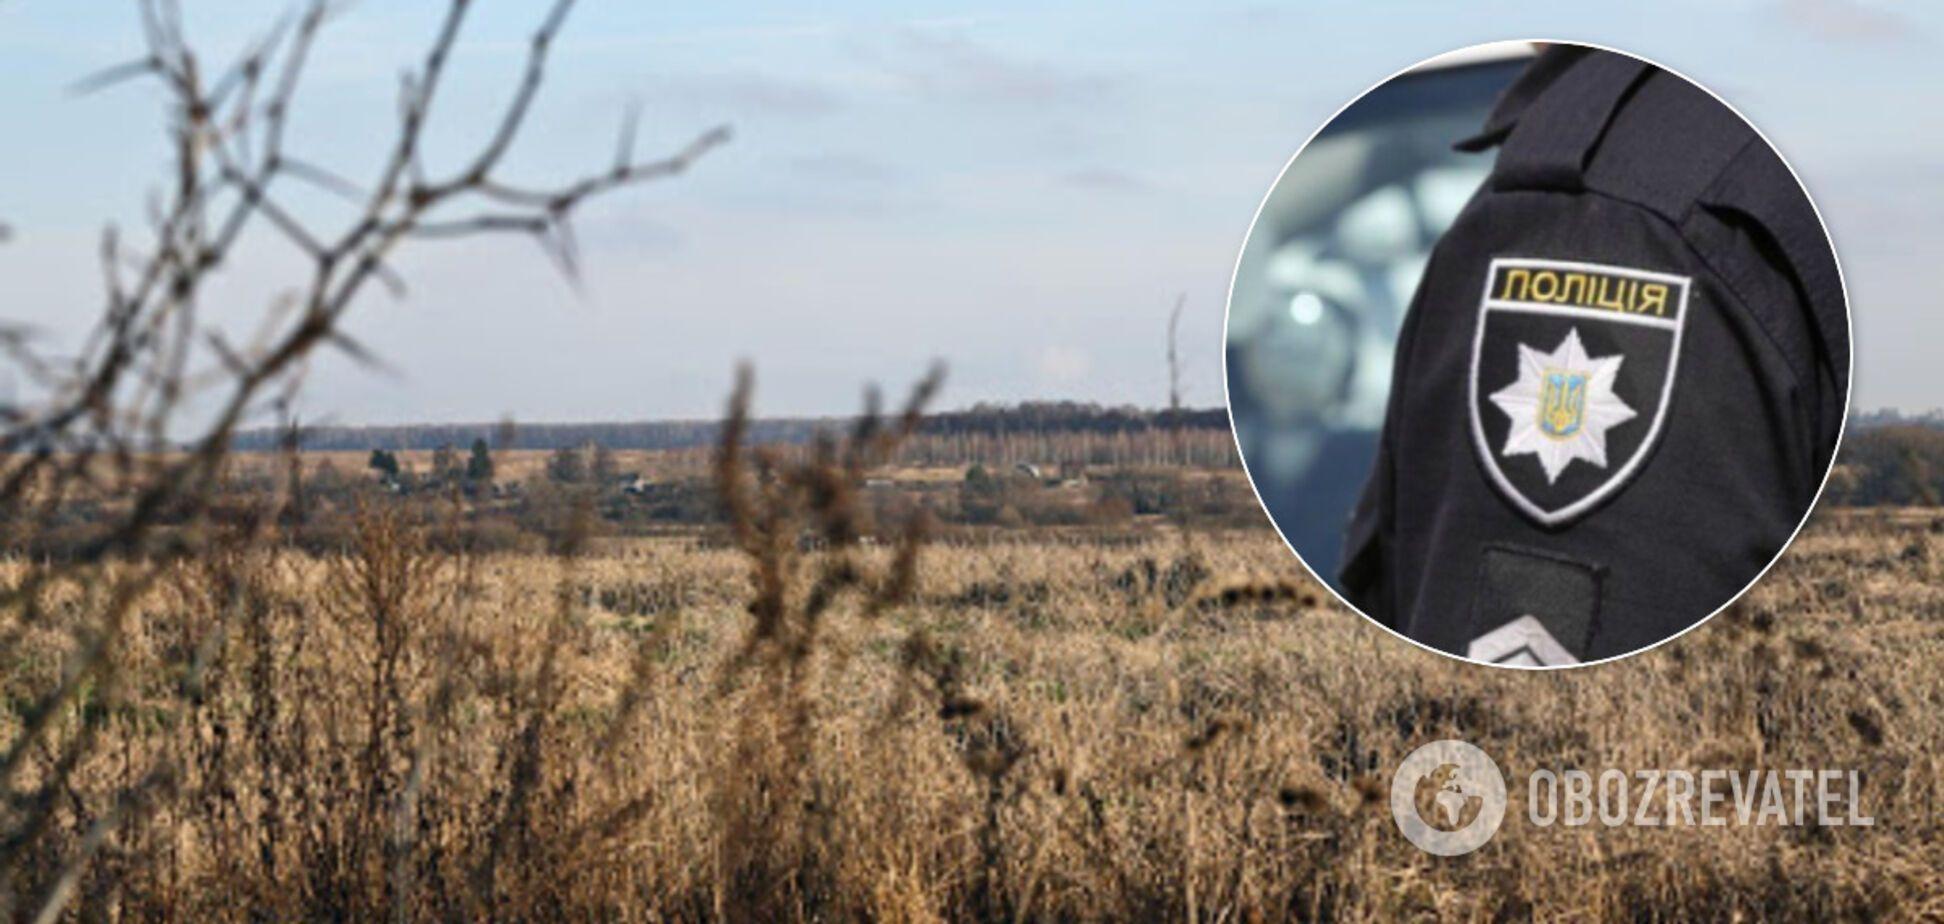 У Запорізькій області повісився фермер: сусіди озвучили версію про втрату врожаю